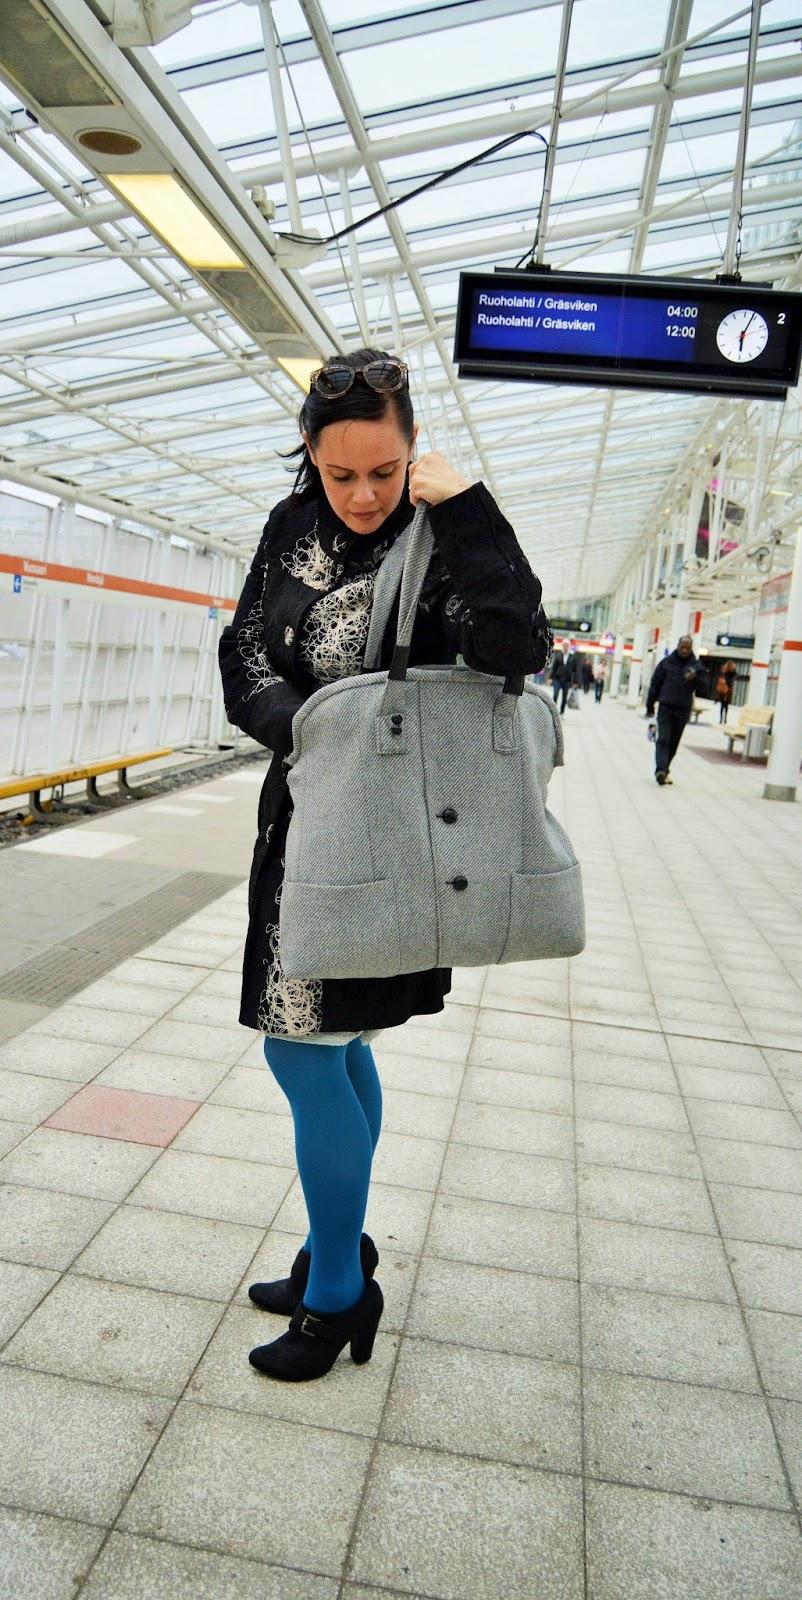 Miesten weekend laukku : Weekend laukku miesten puvuntakista kototeko